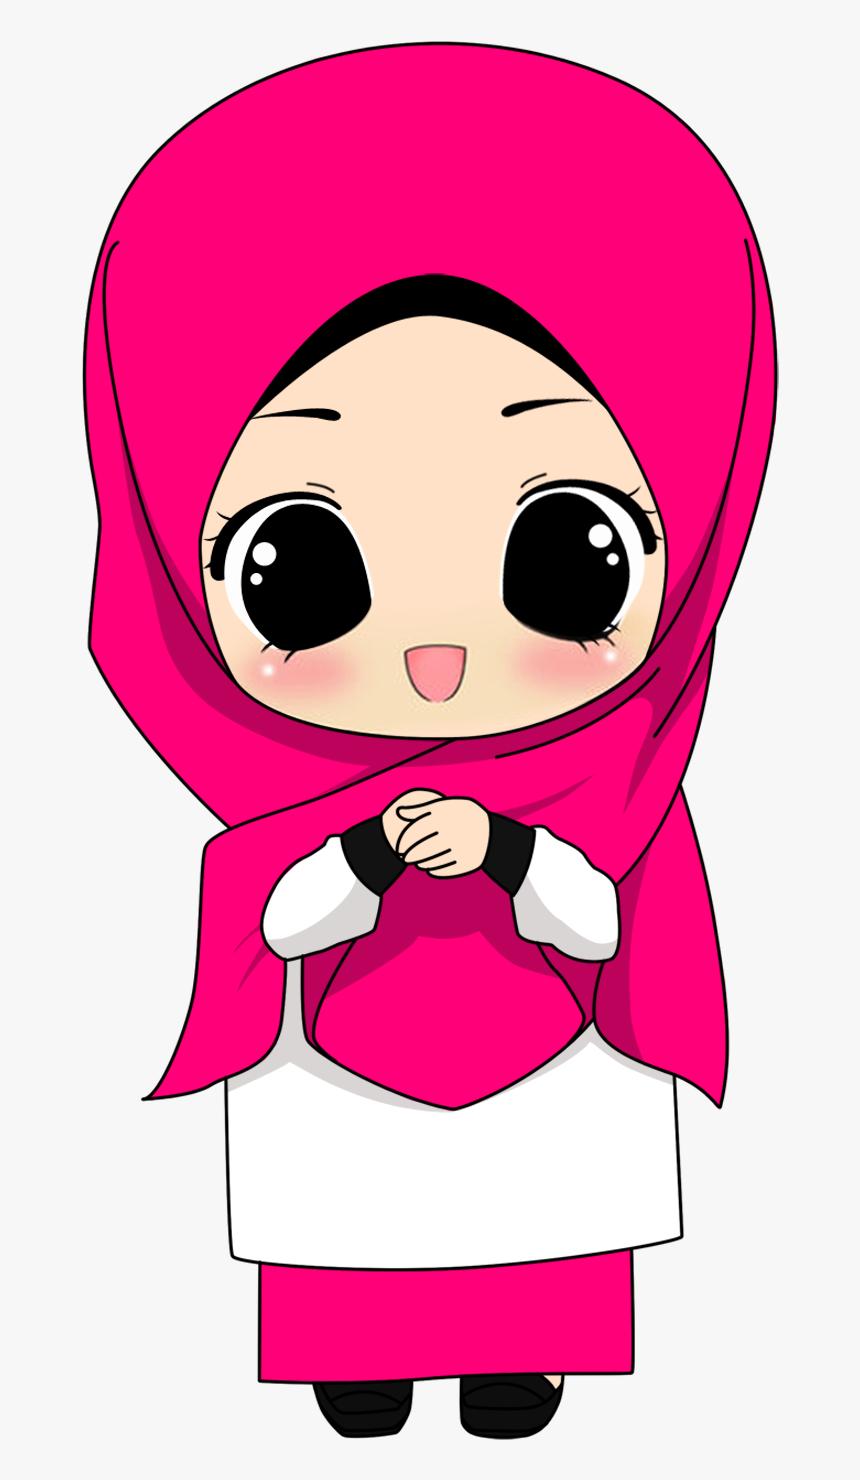 Gambar Kartun Muslimah 1 Image Hijab Cartoon